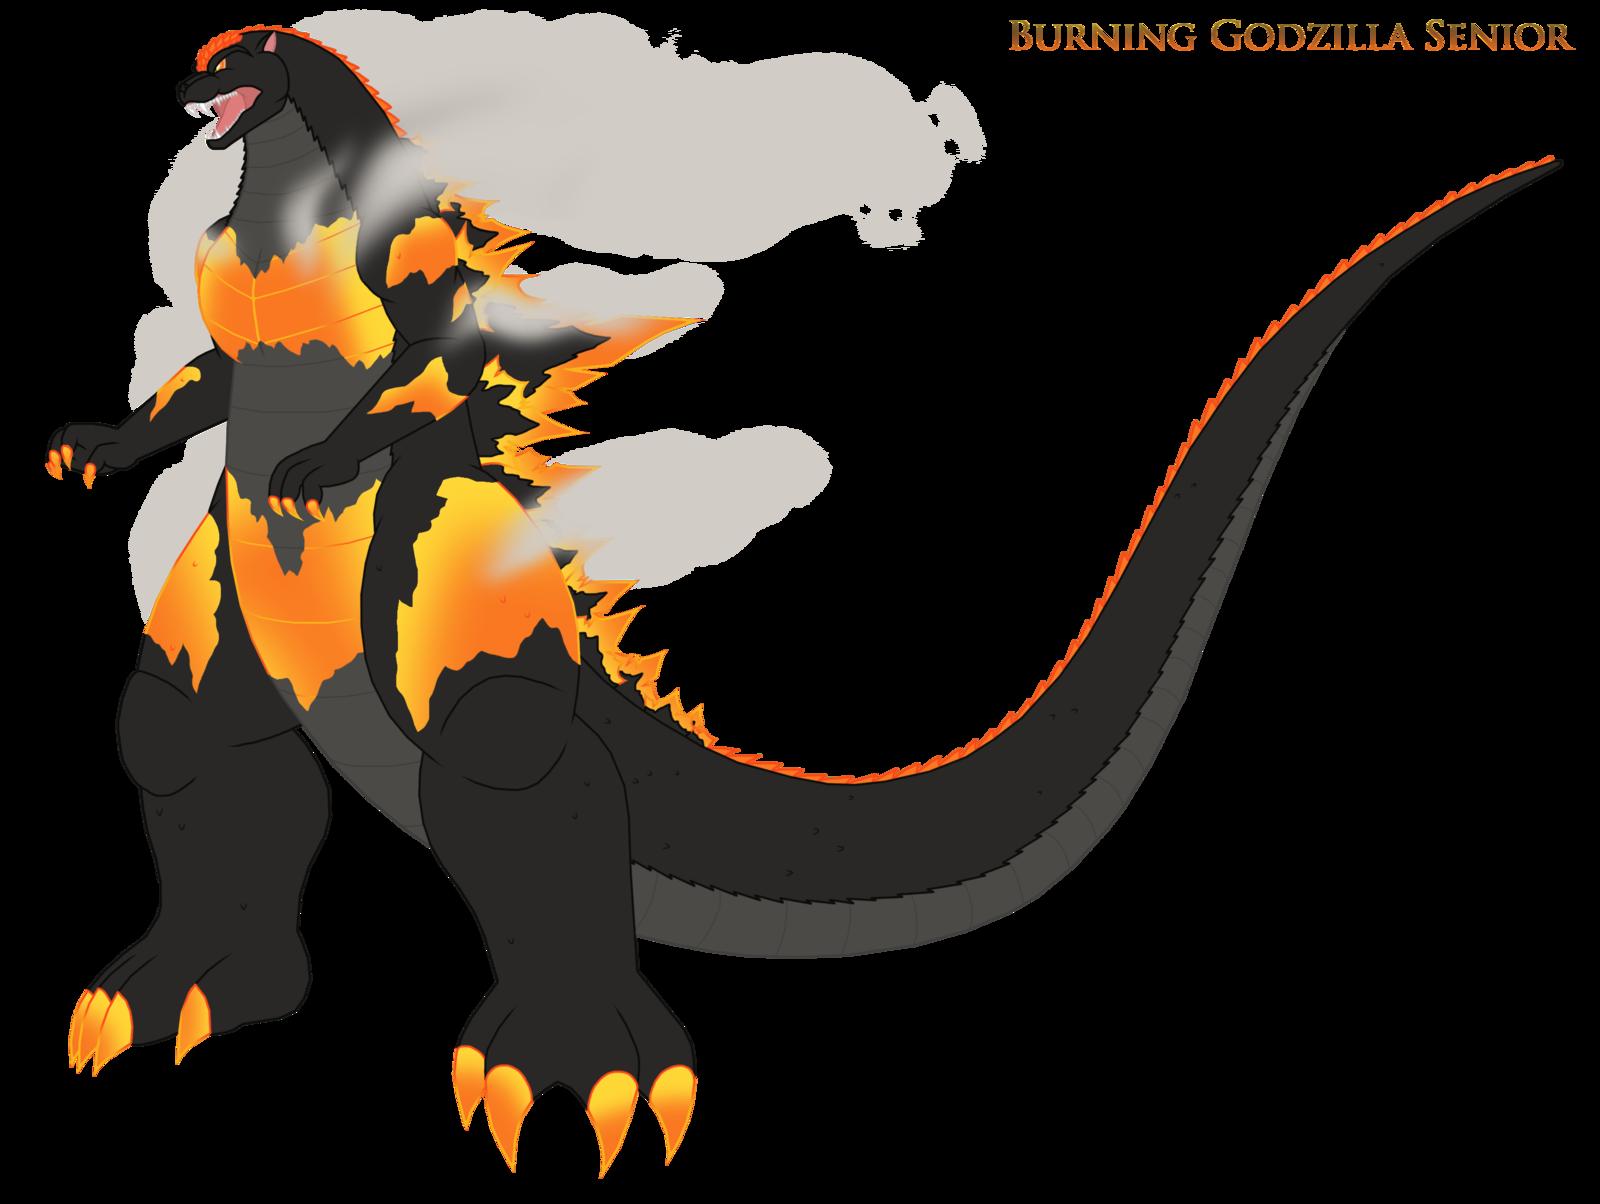 1600x1204 Burning Godzilla Senior By Pyrus Leonidas